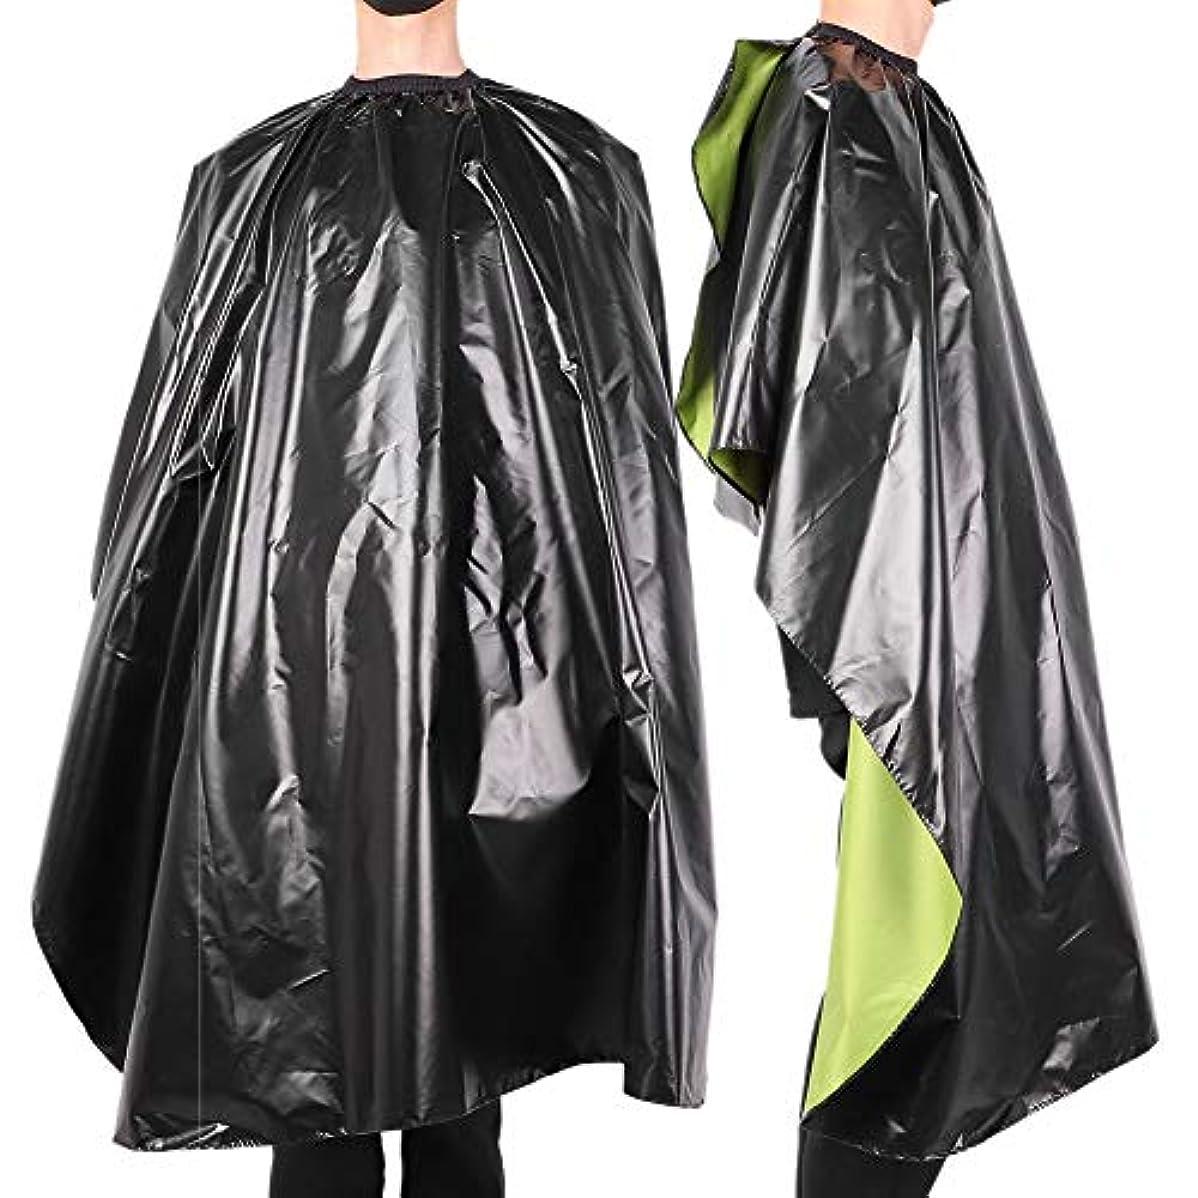 検出可能マーケティング敵意防水 調整可能 サロン 散髪 ヘアスタイリングケープ-ガ ウン大人の理髪理髪師 ラップエプロン